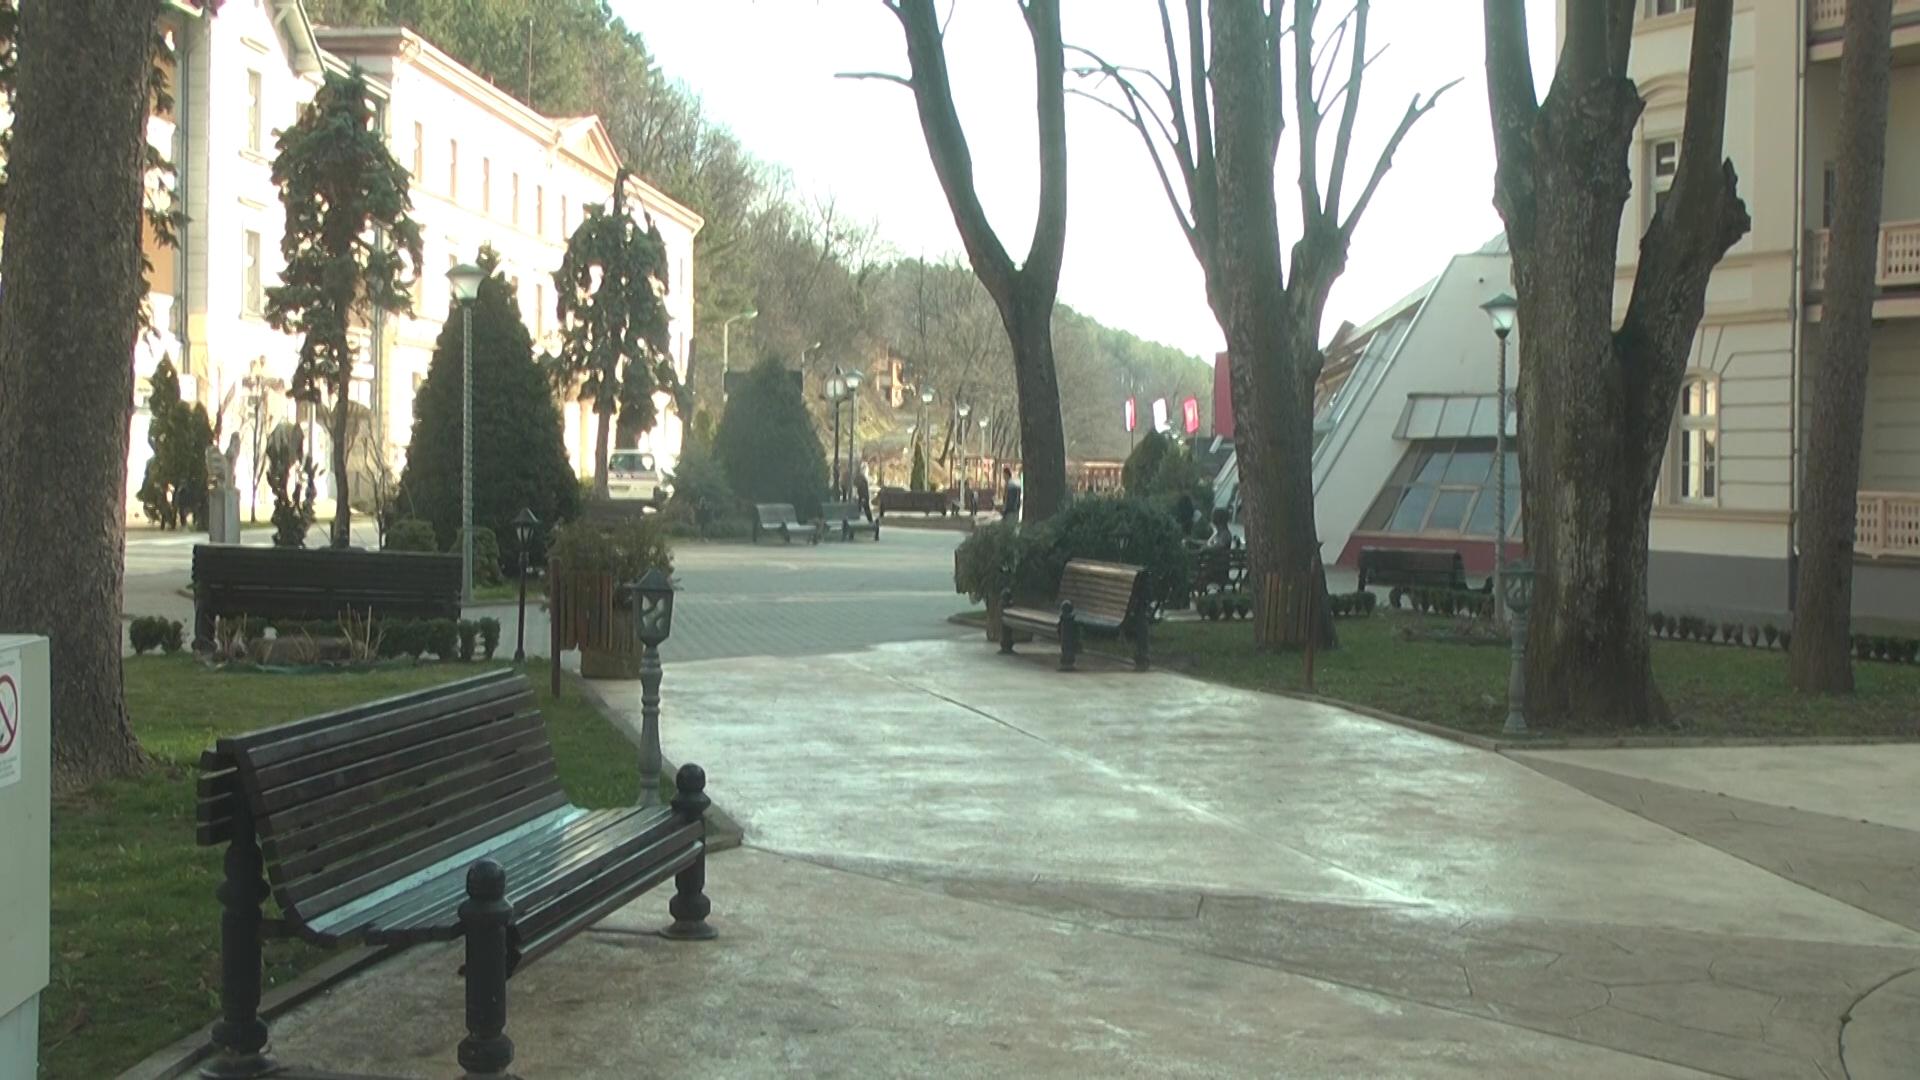 Prijem pacijenata u Specijalnu bolnicu Ribarska Banjaobustavljen do daljnjeg zbog vanrednog stanja